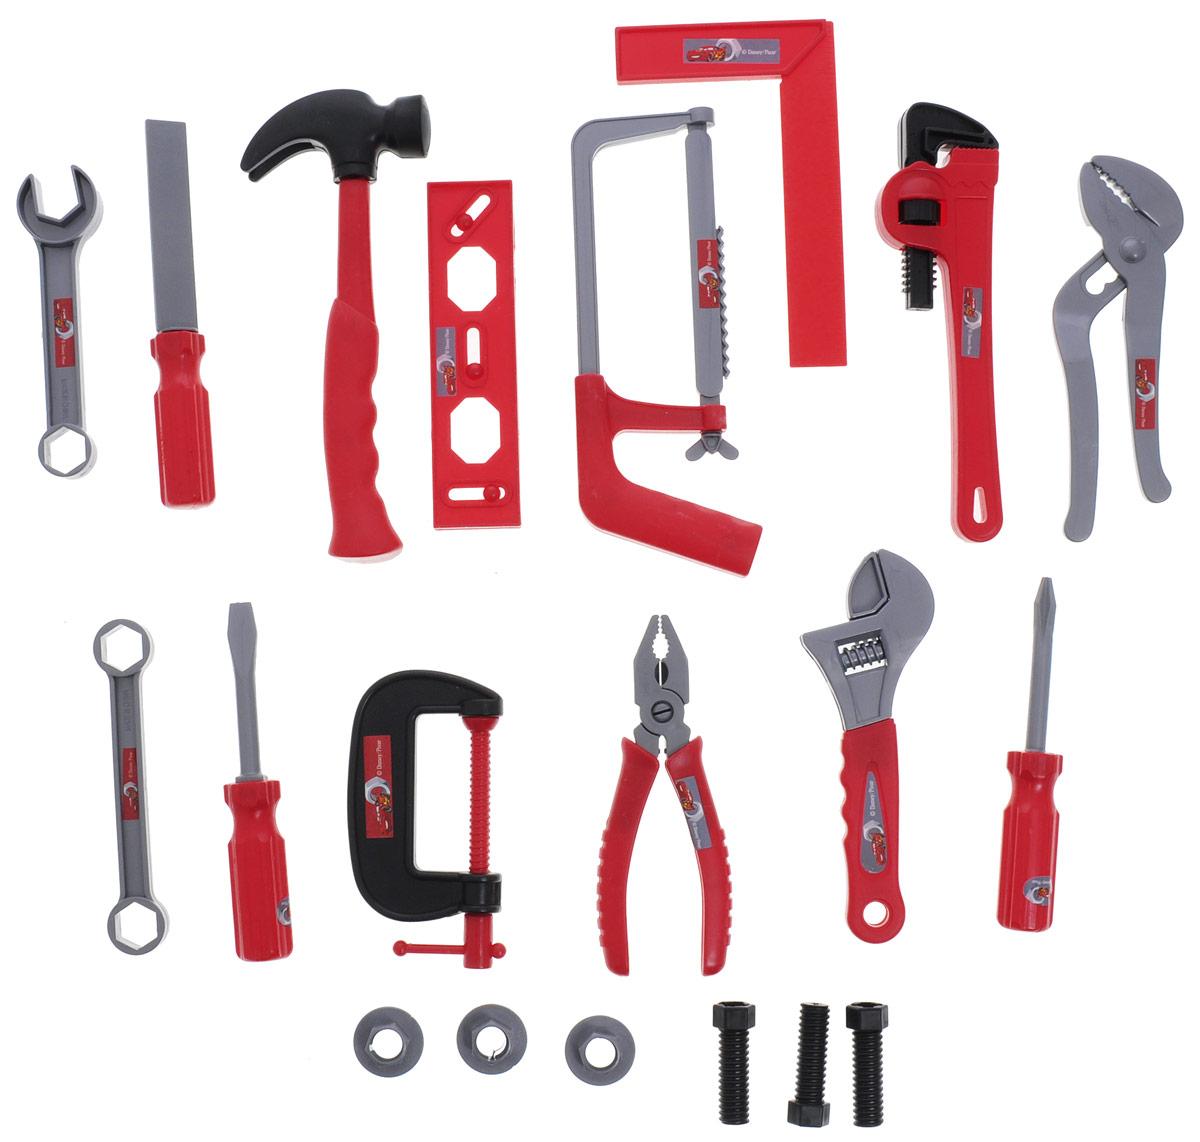 Играем вместе Набор инструментов Тачки 20 предметовHWA649309Набор инструментов Играем вместе Тачки состоит из 20 предметов и станет прекрасным подарком для юного мастера. В набор входит пила, 2 гаечных ключа, отвертка, 2 разводных ключа, плоскогубцы, переставные клещи, струбцина, 2 отвертки, молоток, угольник, уровень, напильник, скобяные изделия. Набор инструментов поможет с ранних лет приучить ребенка к работе с инструментом и поспособствует воспитанию в нем настоящего мужчины в будущем.